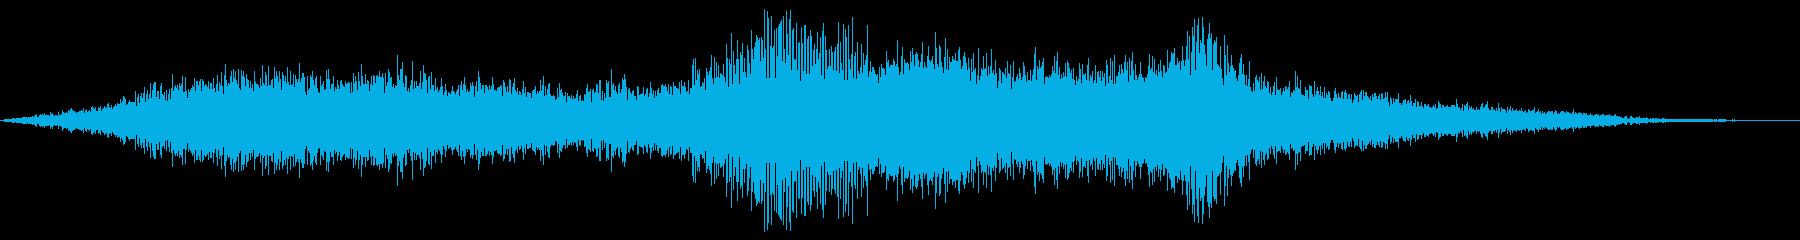 ゴーカートレーシングの再生済みの波形